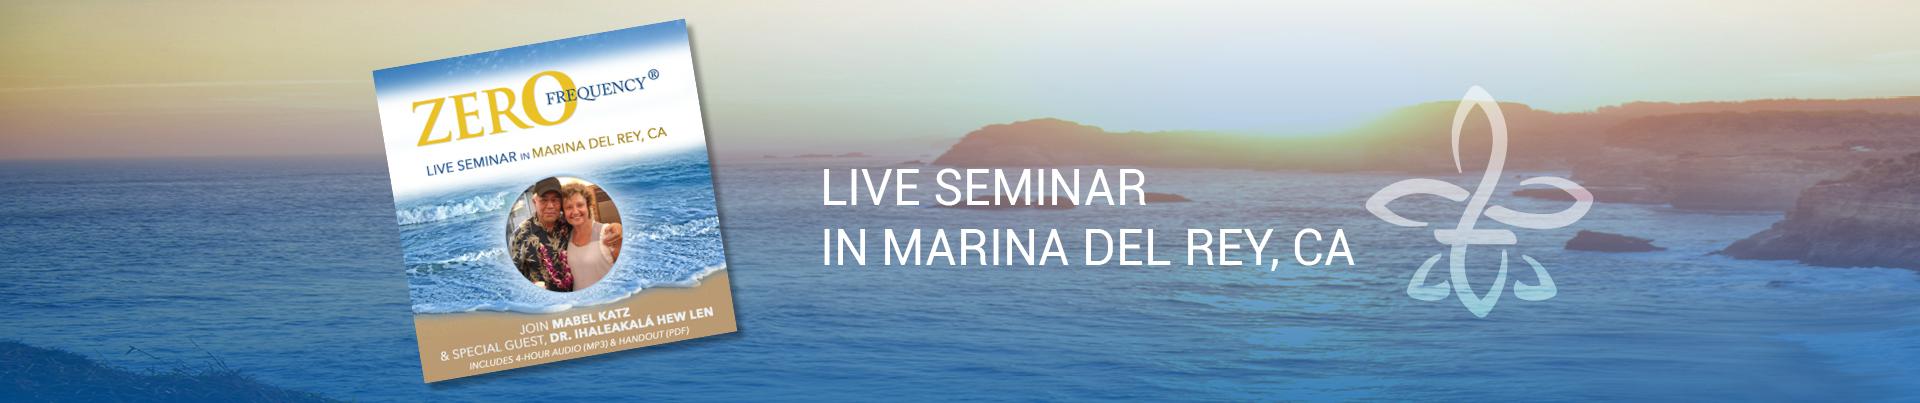 seminar in Marina del Rey